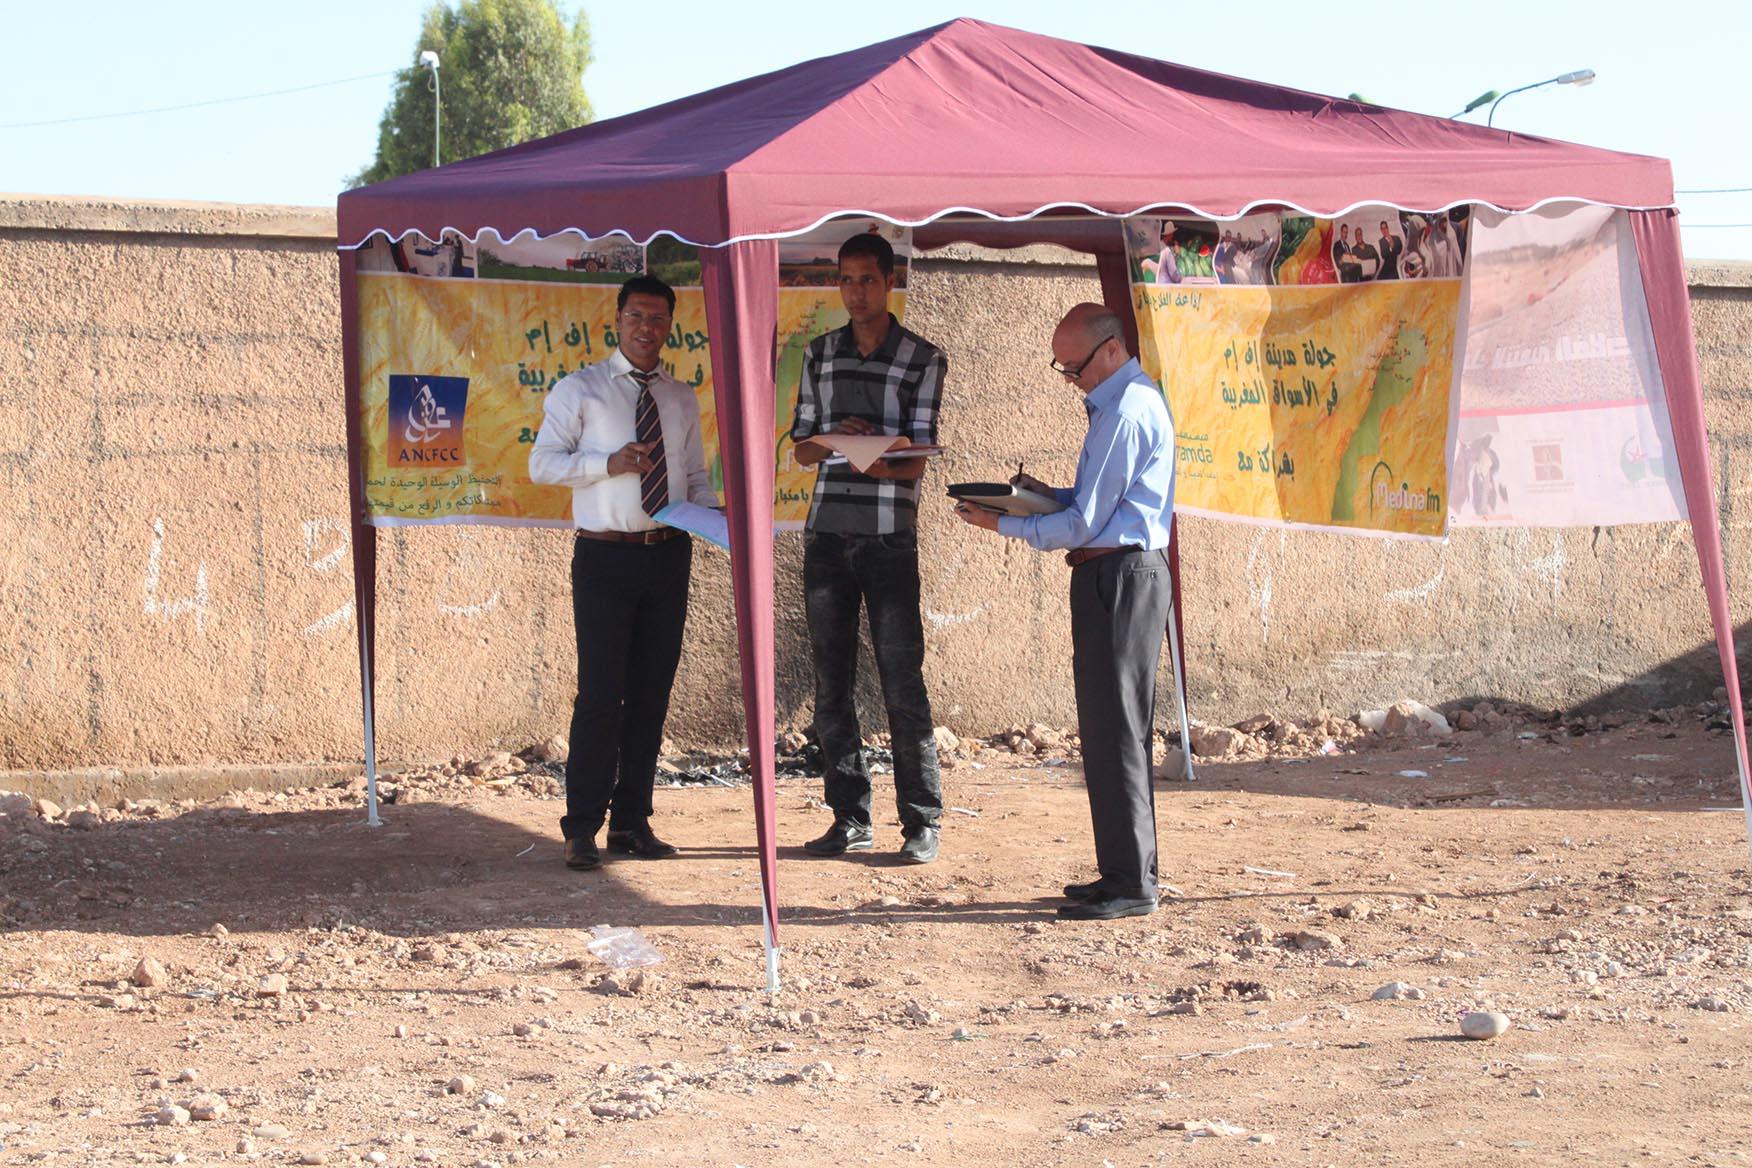 """صور من جولة إذاعة مدينة إف إم بالأسواق المغربية """" سوق الأربعاء الفقيه بن صالح """""""